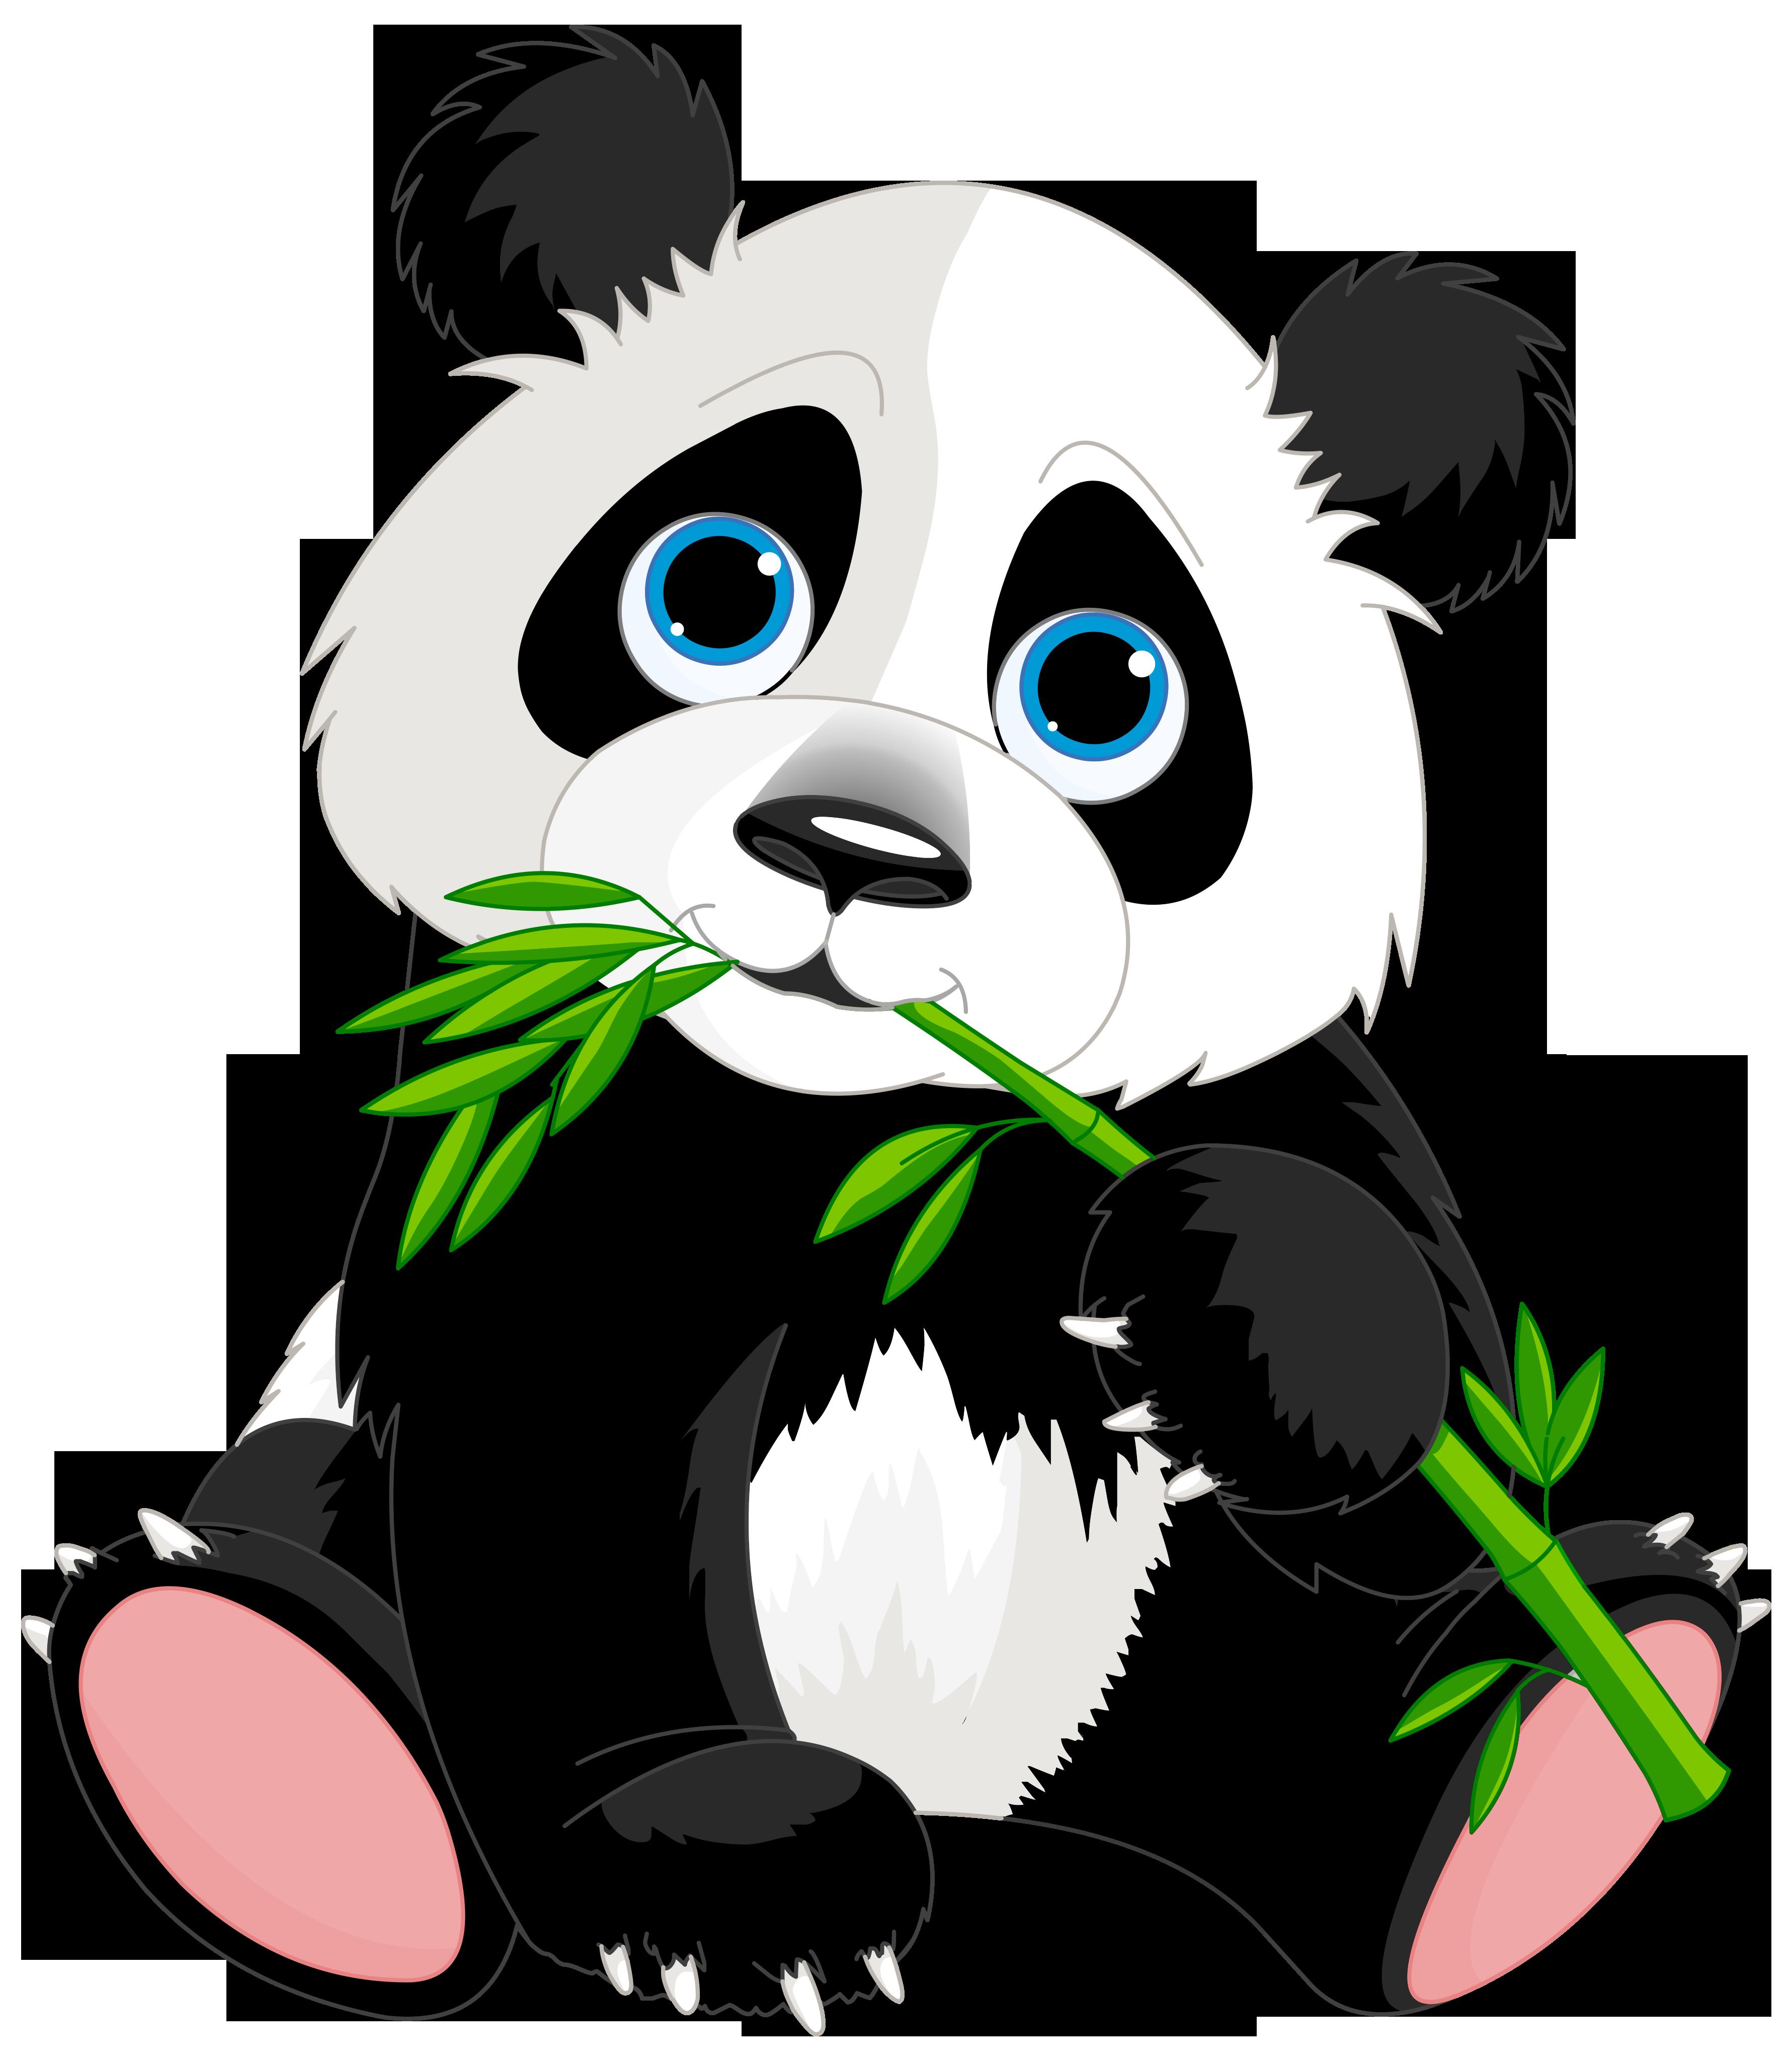 vector stock Cute cartoon image gallery. Panda bear clipart